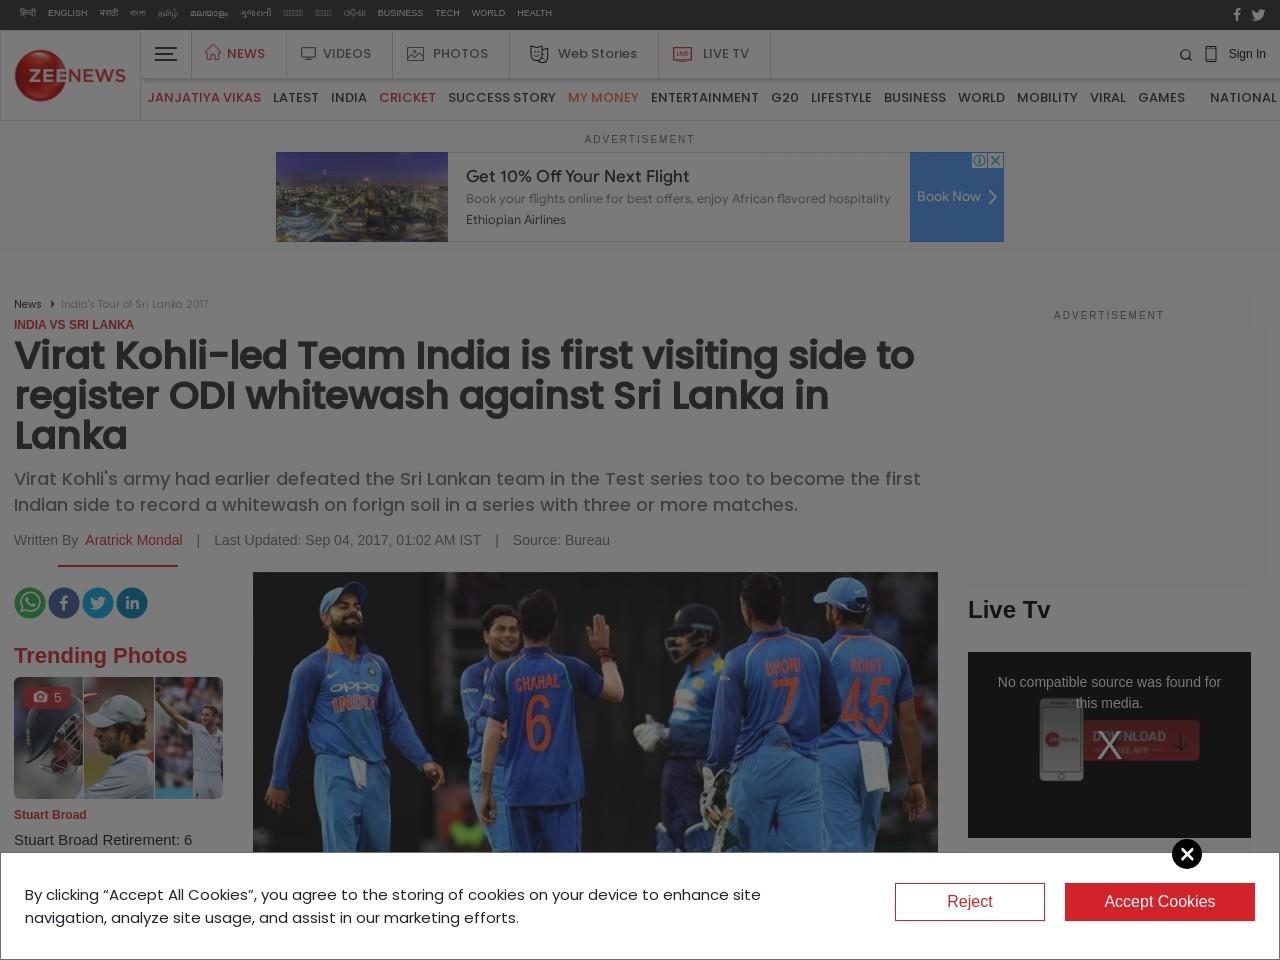 Virat Kohli-led Team India is first visiting side to register ODI whitewash against Sri Lanka in Lanka